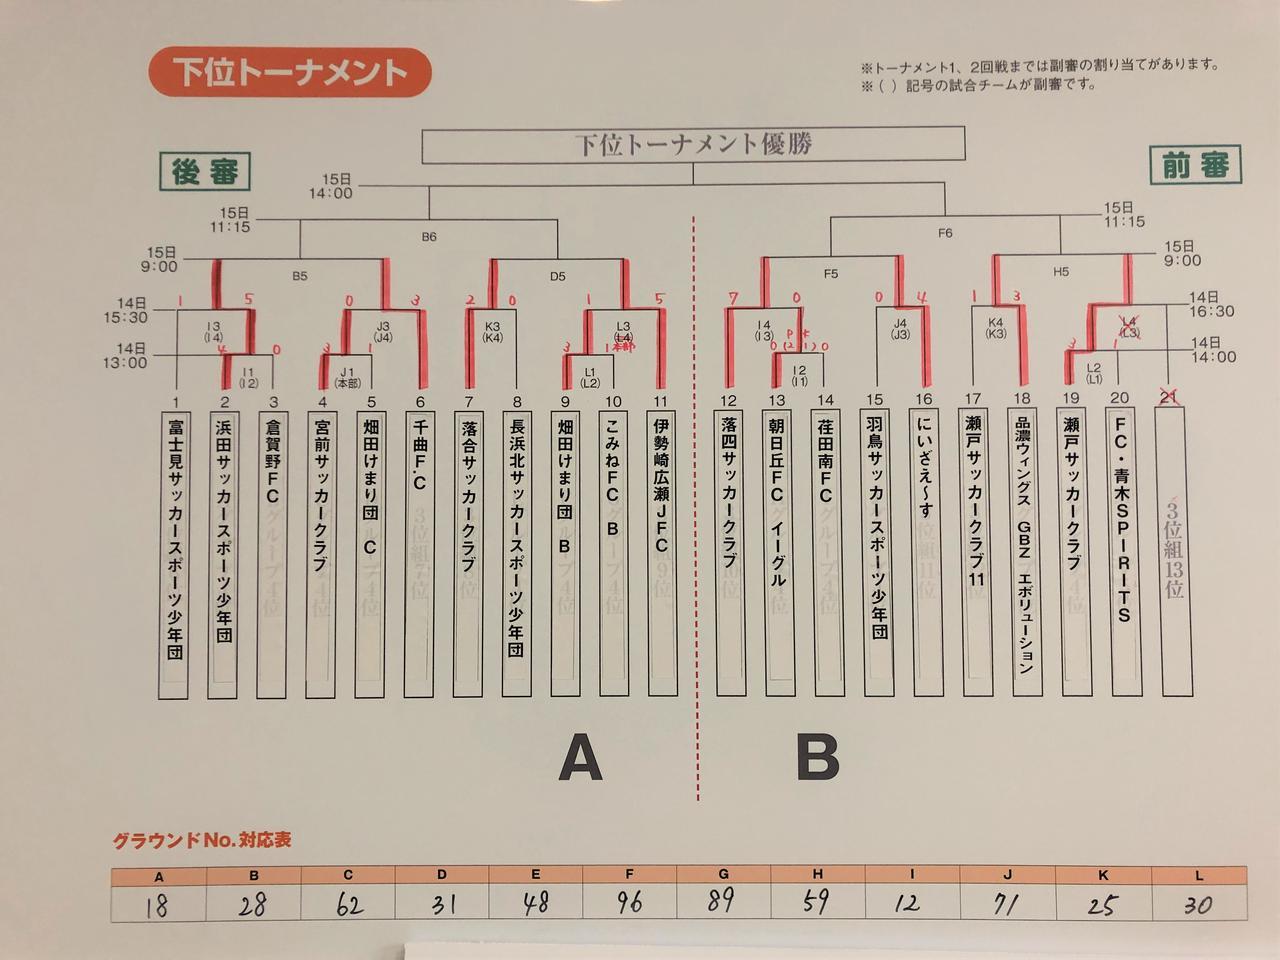 画像: 下位トーナメント トーナメント表